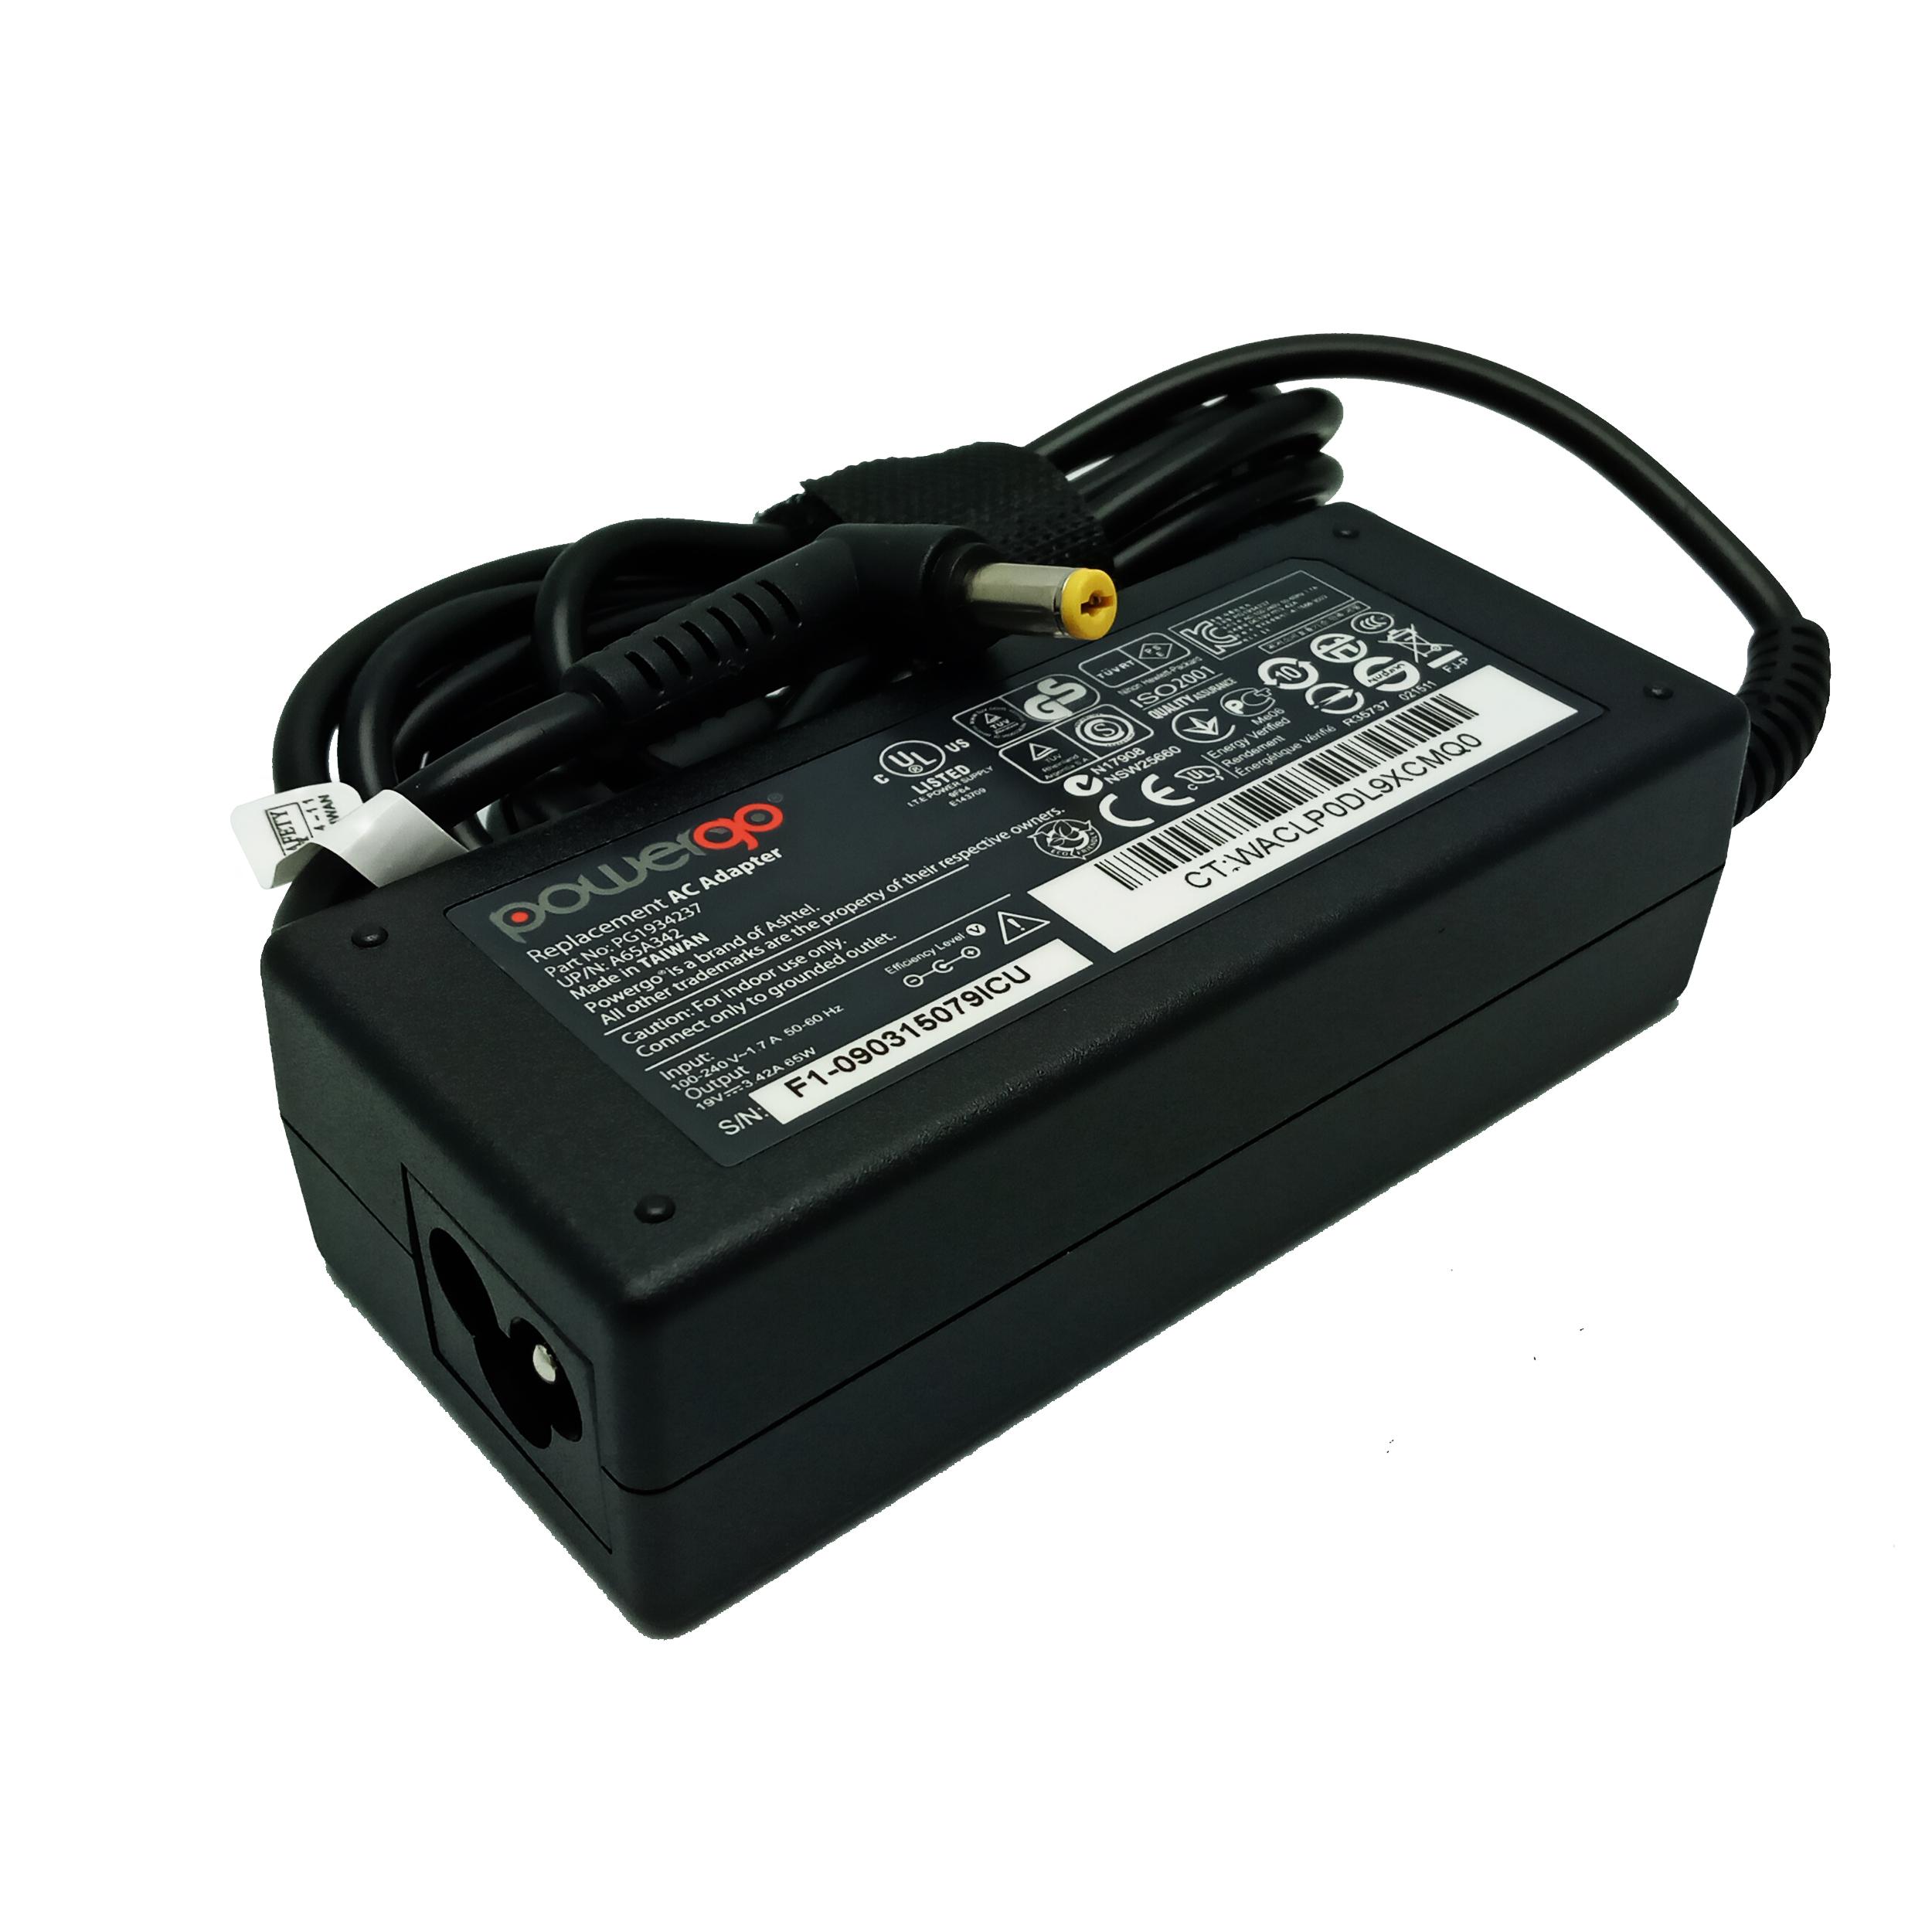 شارژر لپ تاپ 19 ولت 3.42 آمپر پاور گو مدل PWG-AC